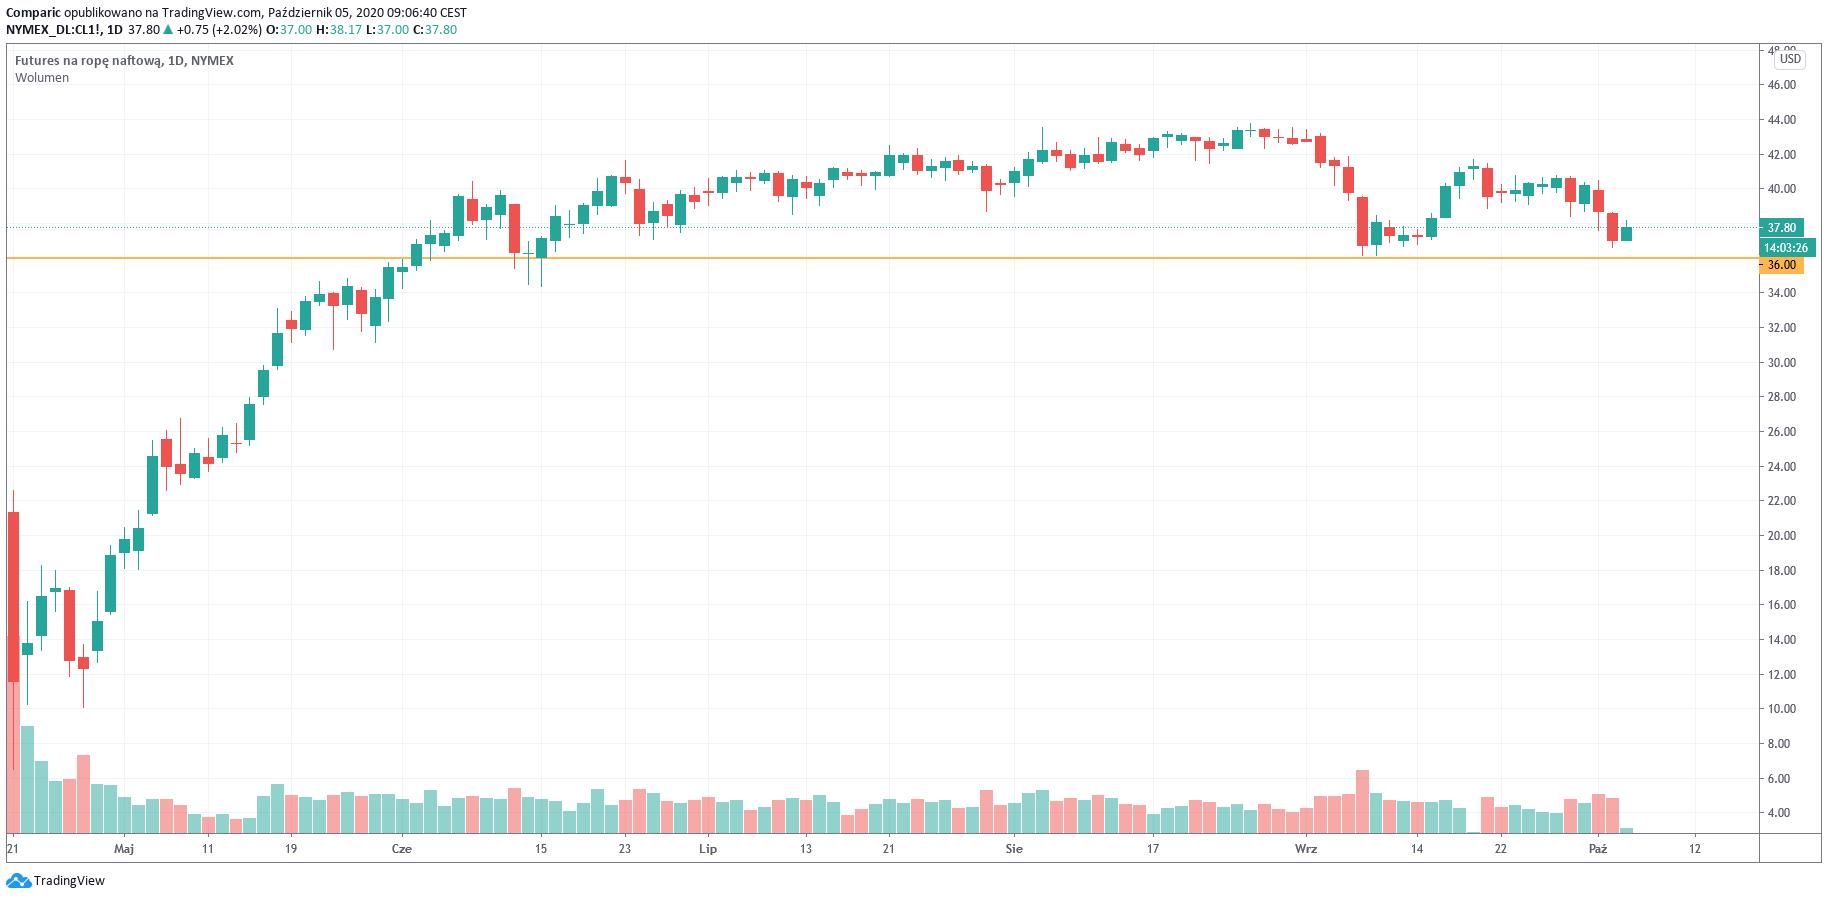 Ropa na dłużej poniżej 40 dol. za baryłkę? Podaż surowca rośnie